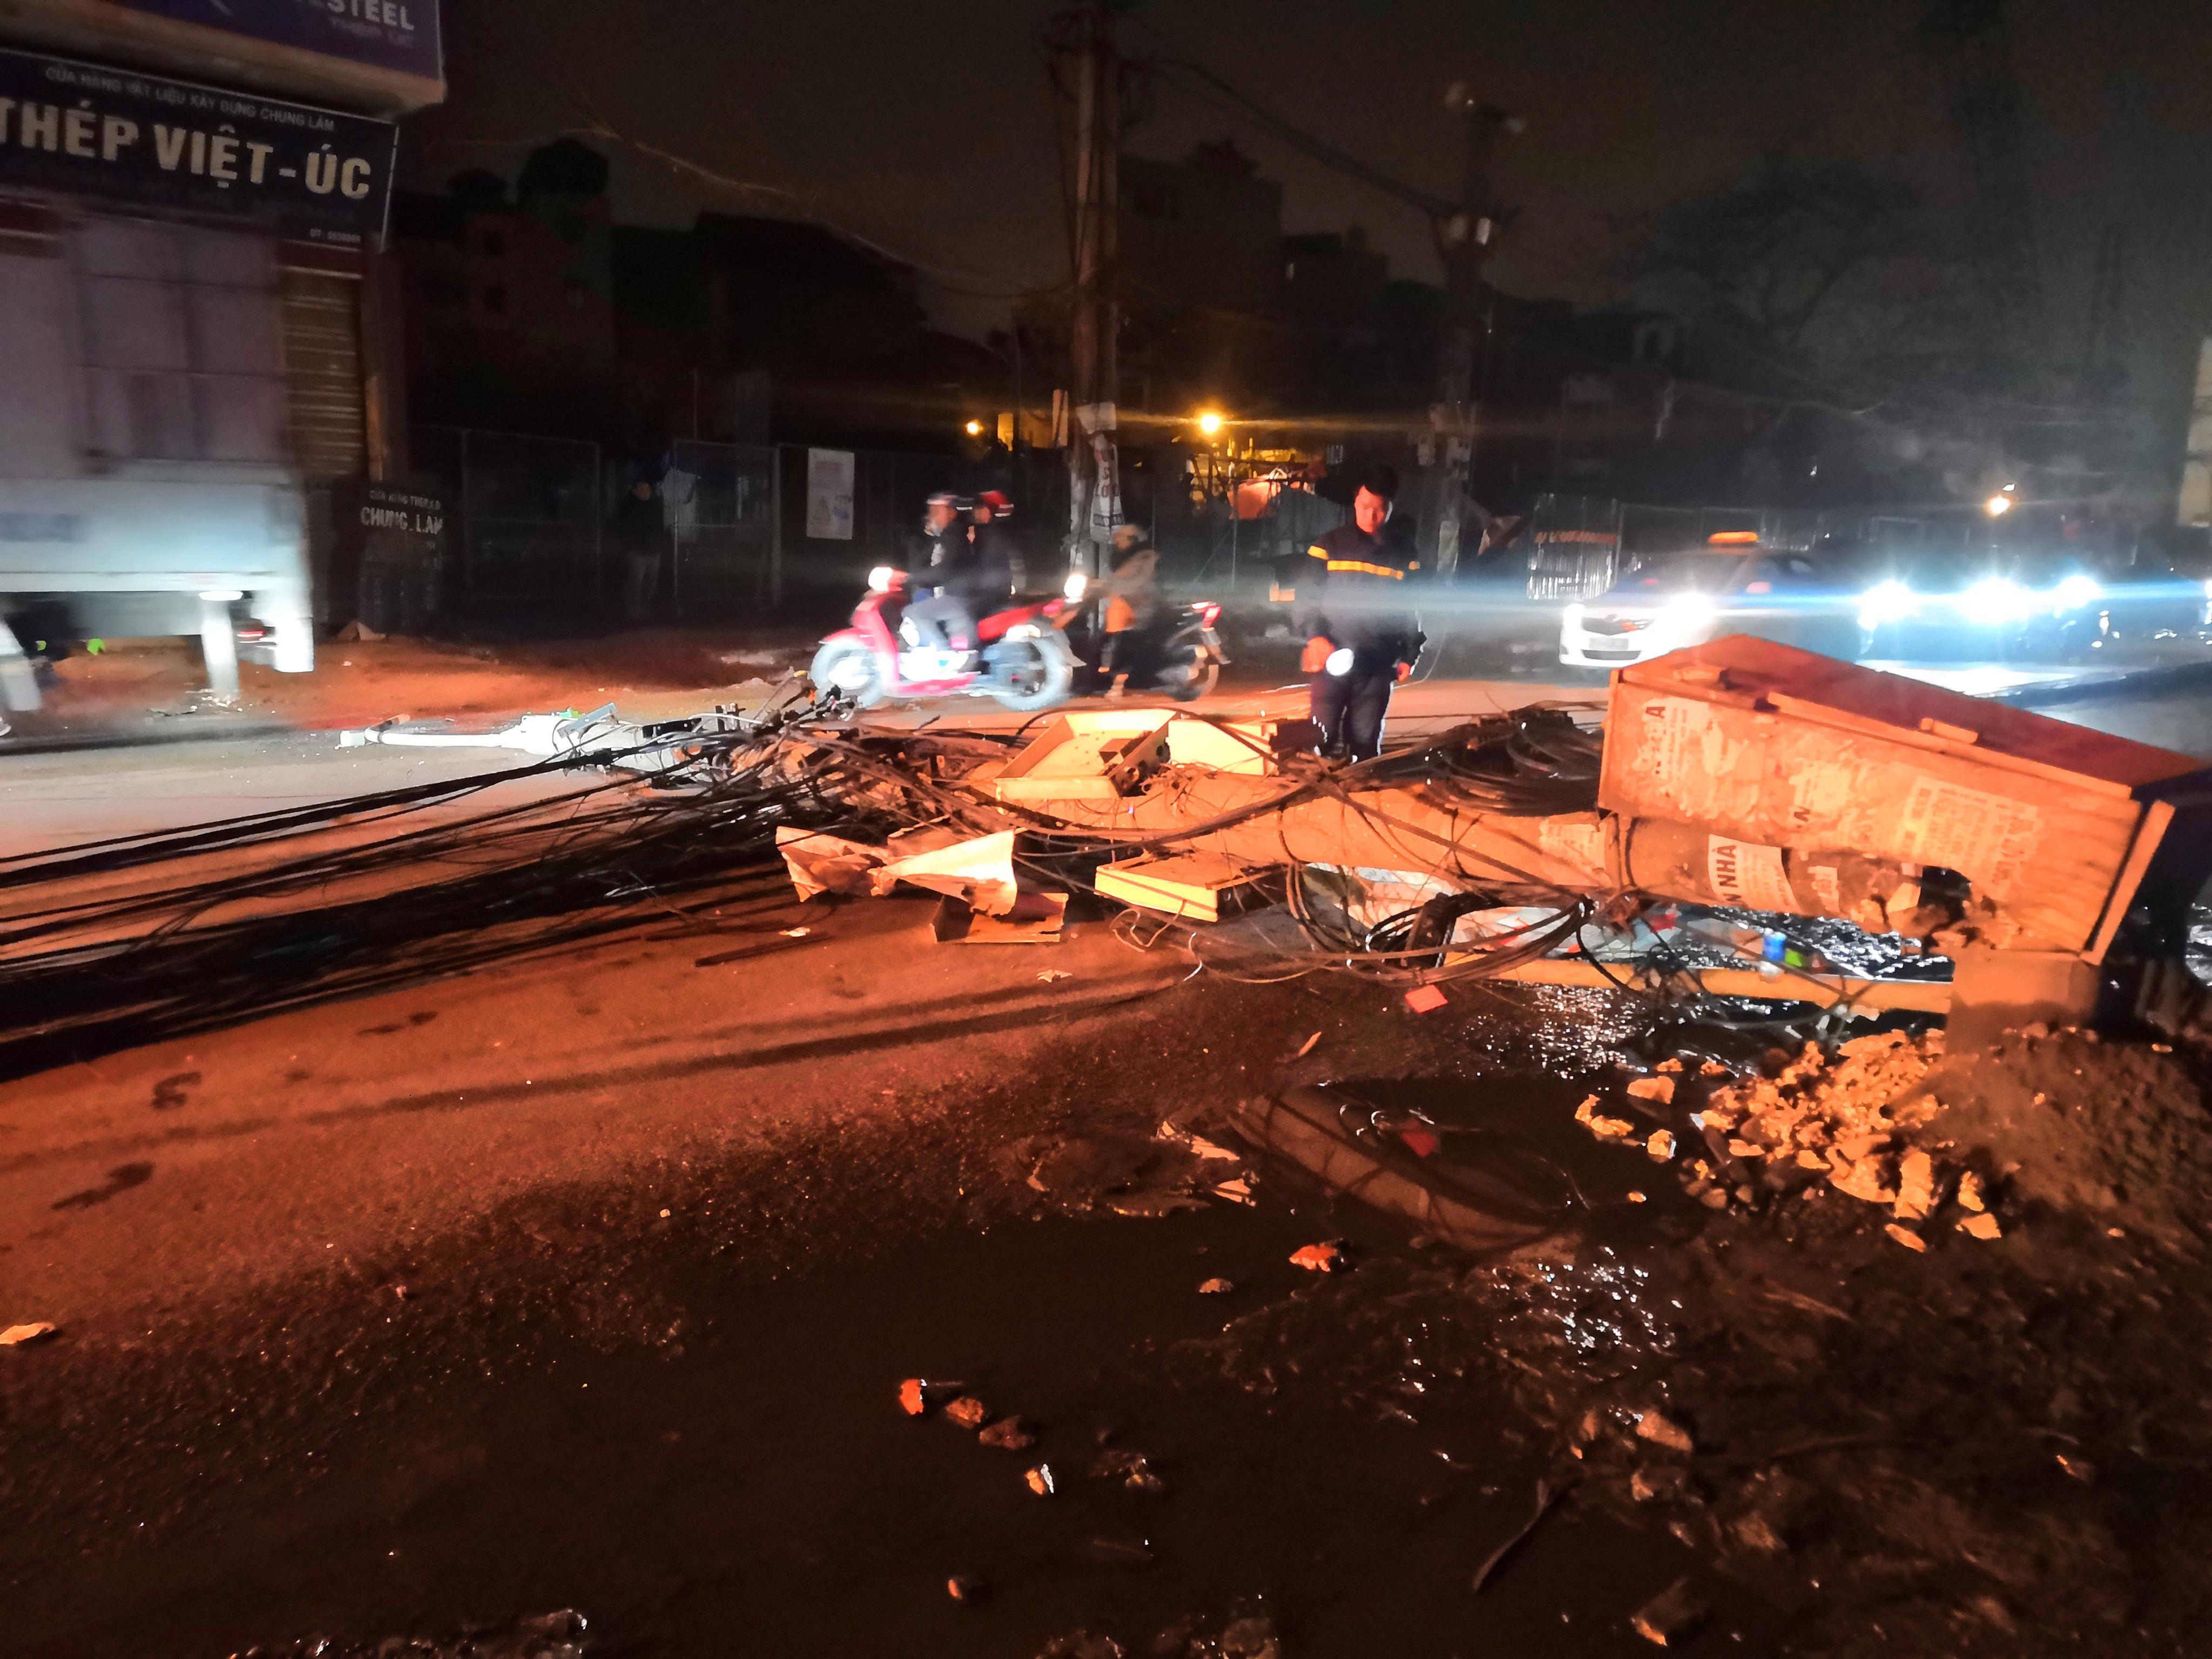 Xe bồn chở xăng kéo đổ 4 cột điện trong đêm, nhiều hộ dân mất điện Ảnh 2